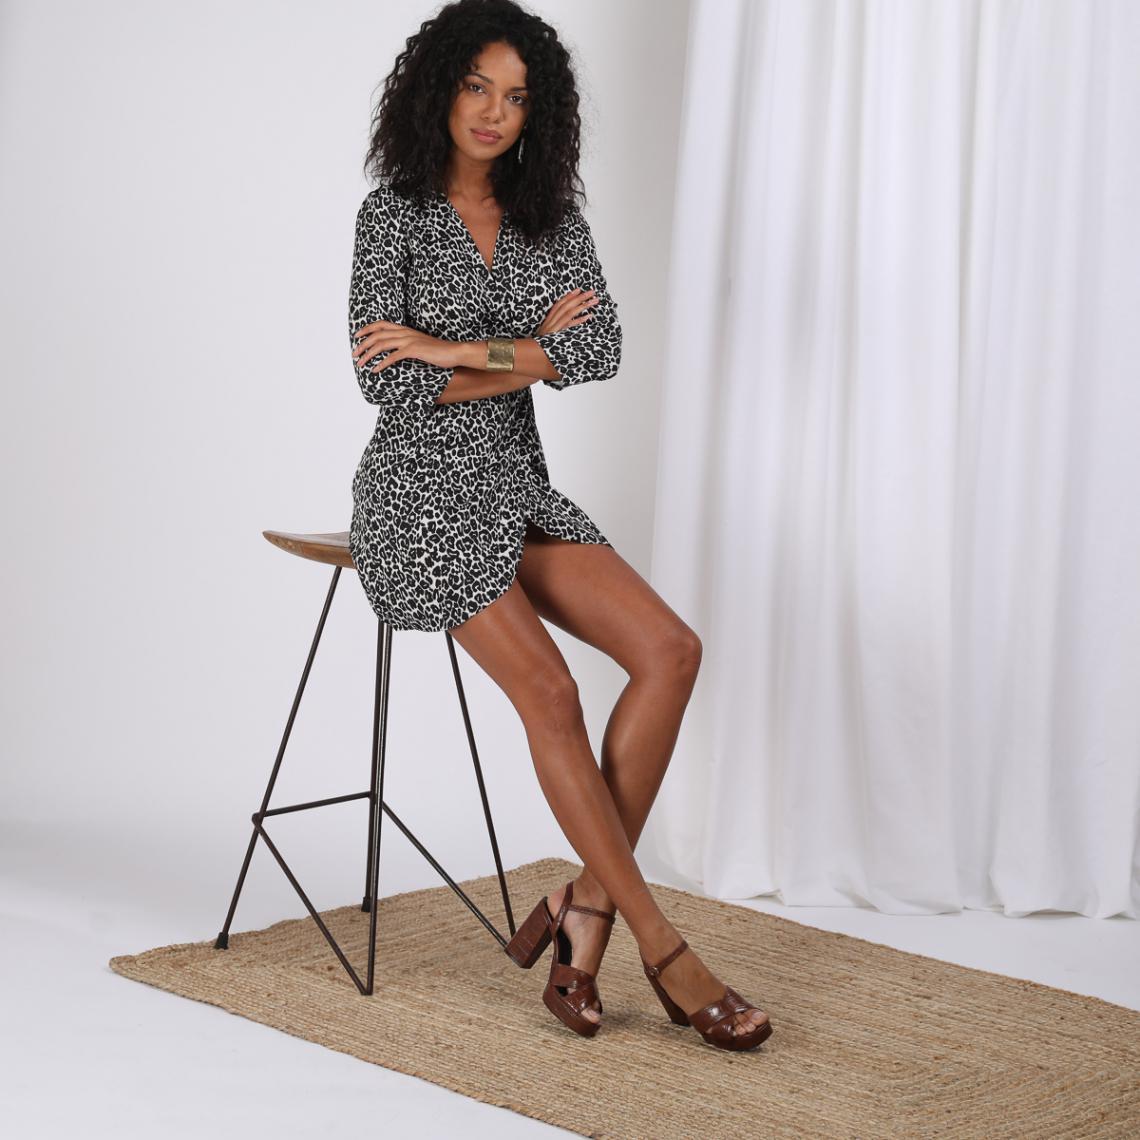 Robe Courte Portefeuille Imprimee Leopard Juliette 3 Suisses